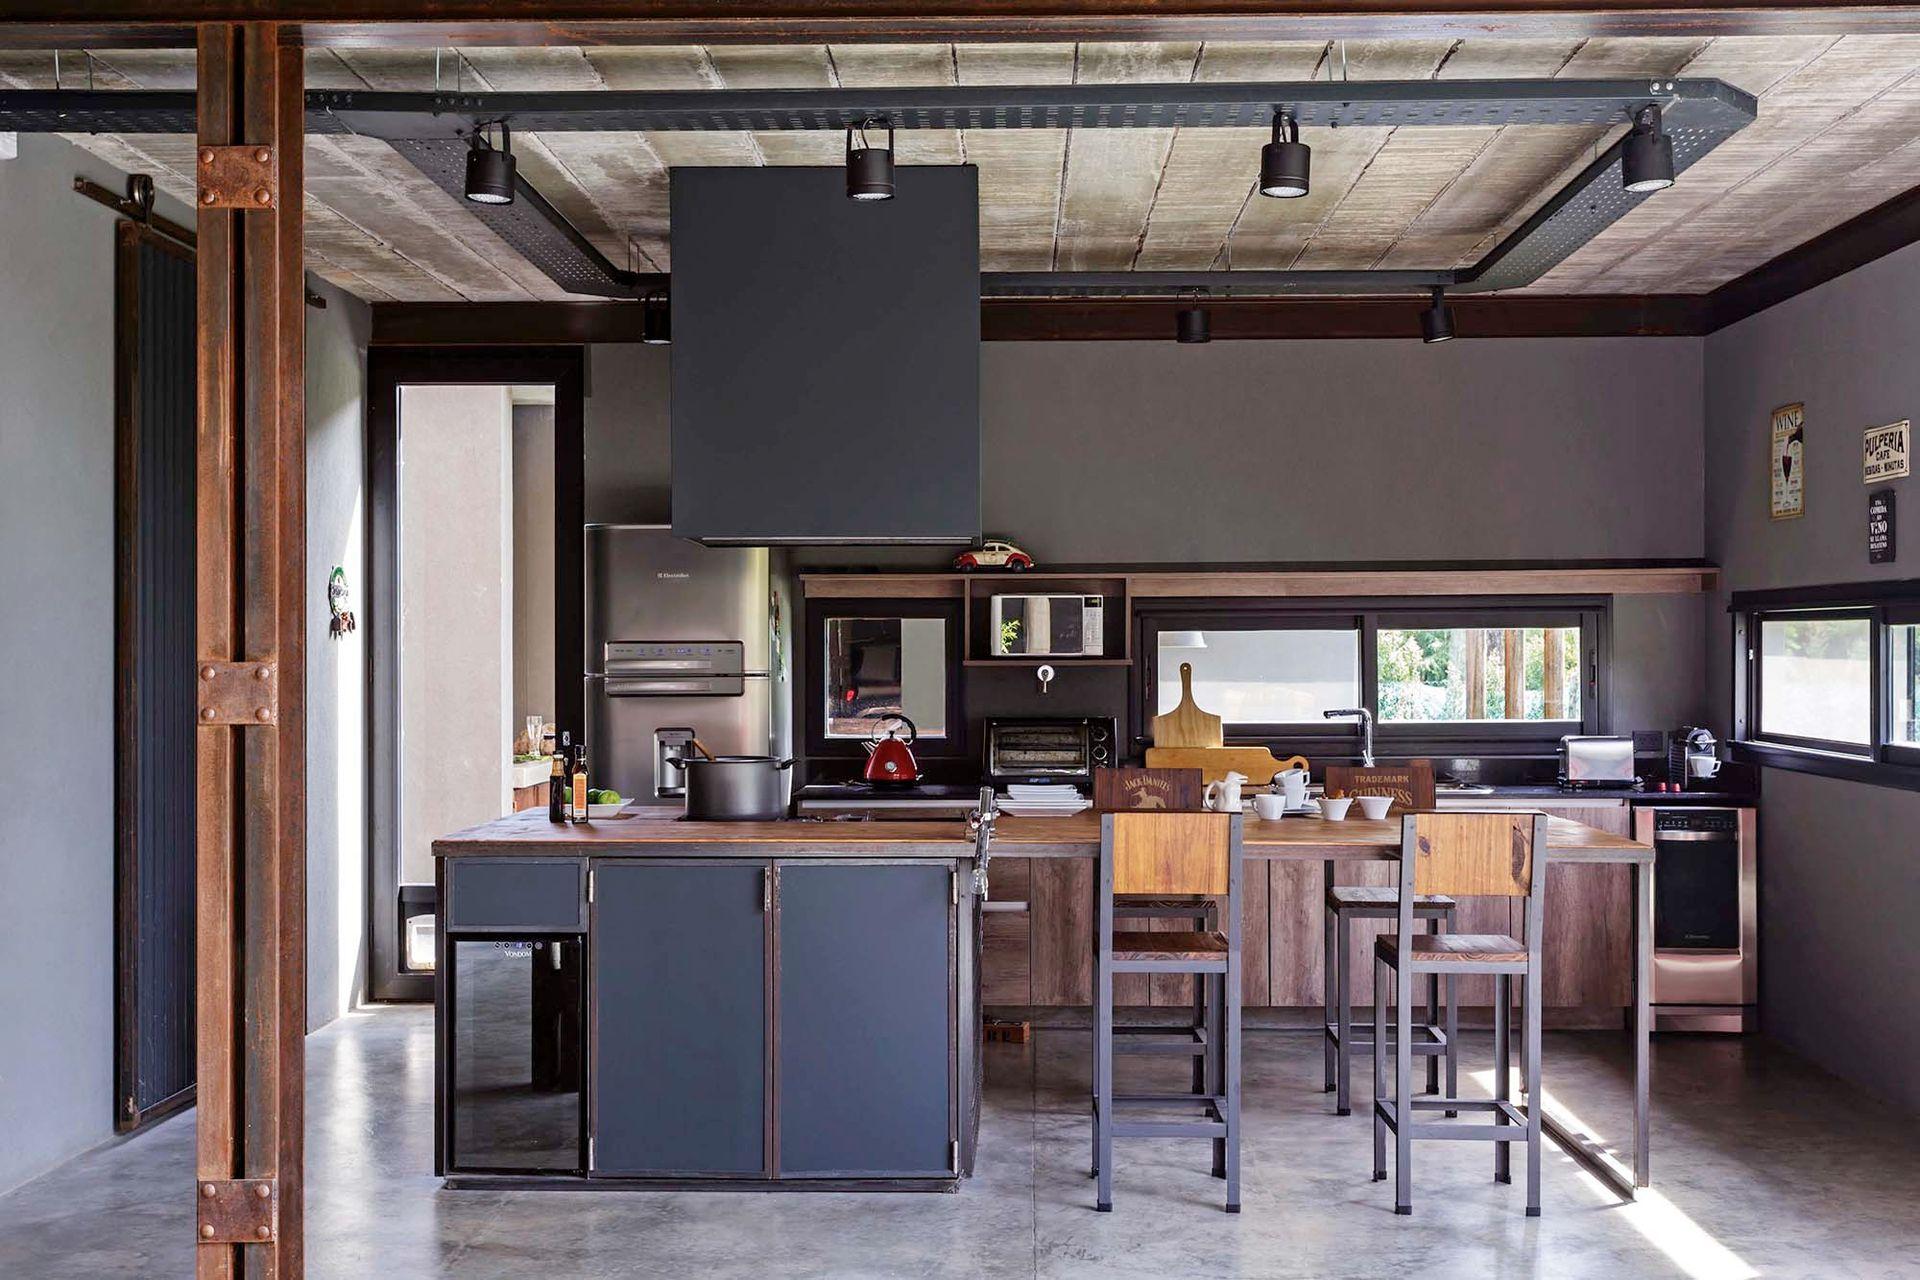 Las ventanas de la cocina se hicieron finas para subrayar la contundencia del cubo desde el exterior. La entrada de luz se compensa con las grandes aberturas de acceso.